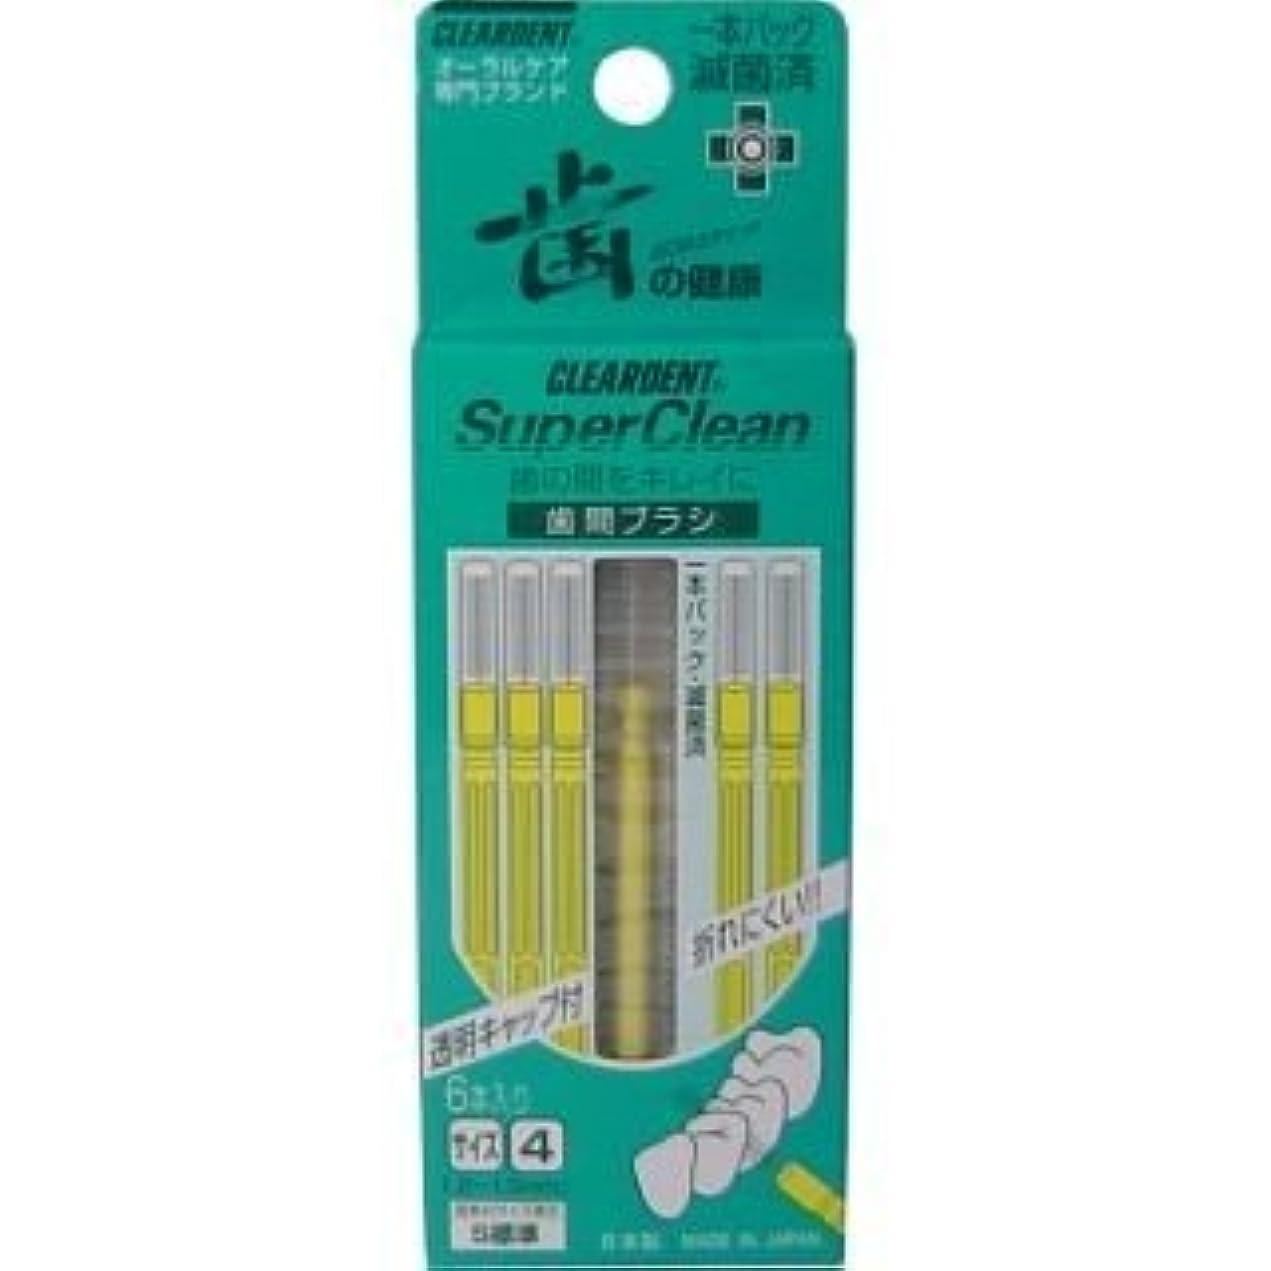 解決平日マトロン滅菌済み一本パックだから、清潔安心!歯みがきでは磨きにくい、歯と歯の間を清掃するブラシです!透明キャップ付きで衛生的!Sサイズ標準 6本入【3個セット】